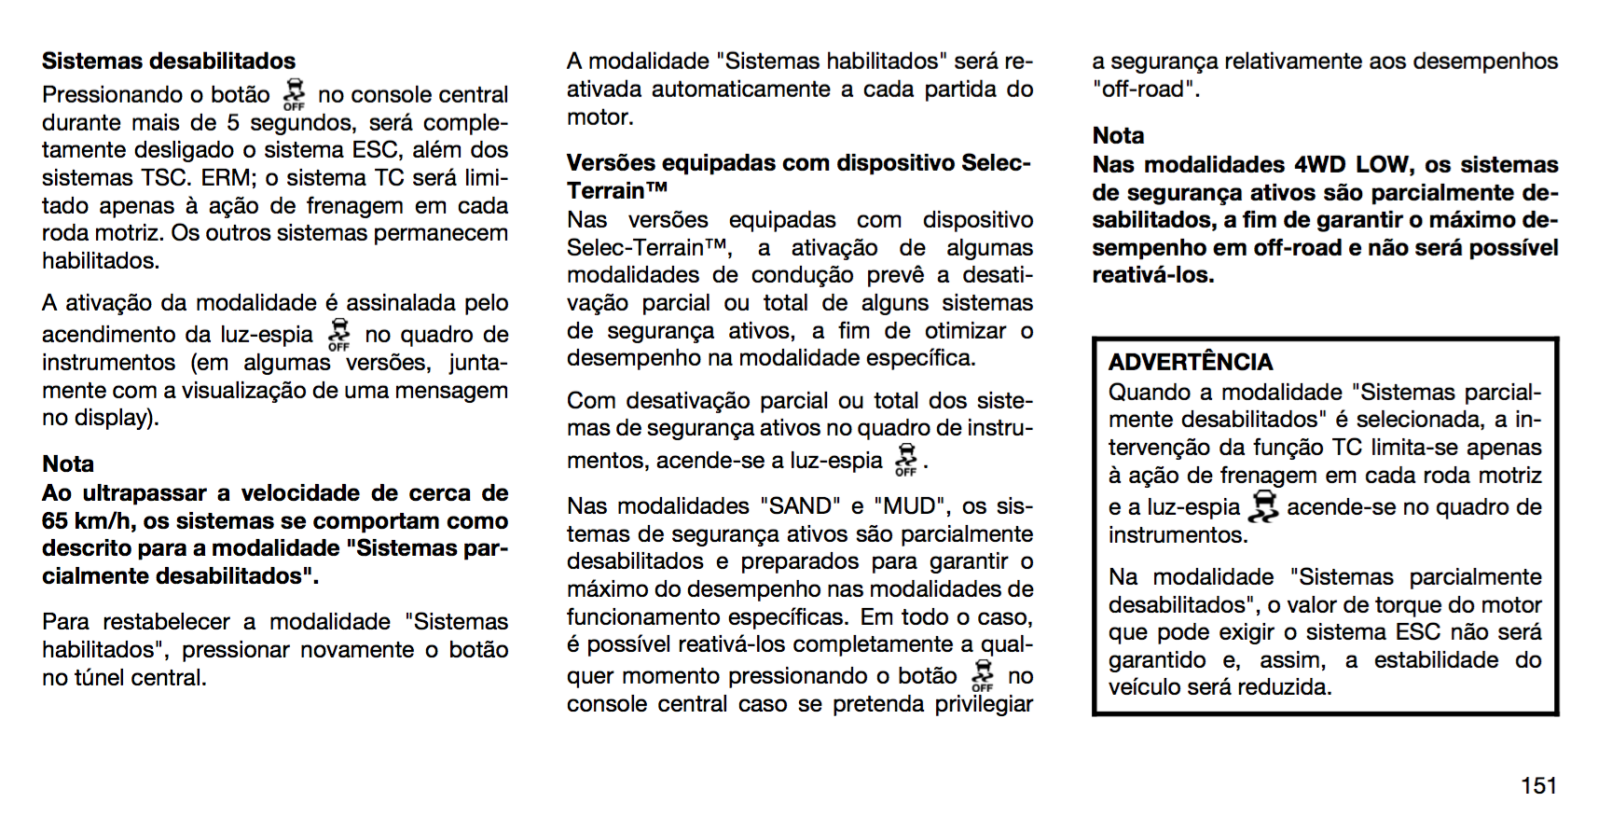 Controle de estabilidade - Página 2 10mrejc